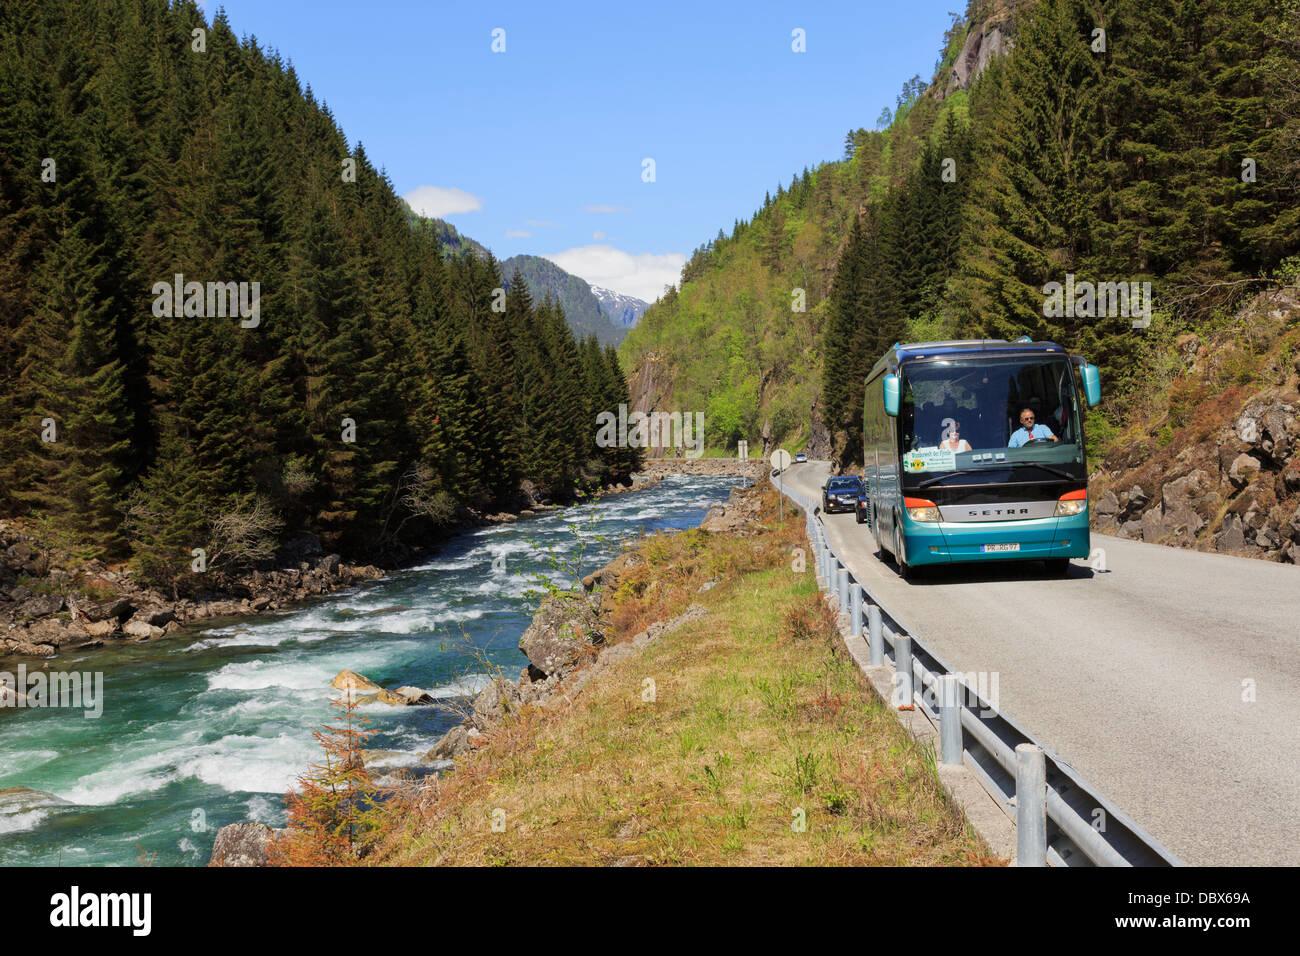 Autob s tur stico para los turistas alemanes en un for Para desarrollar un corredor estrecho